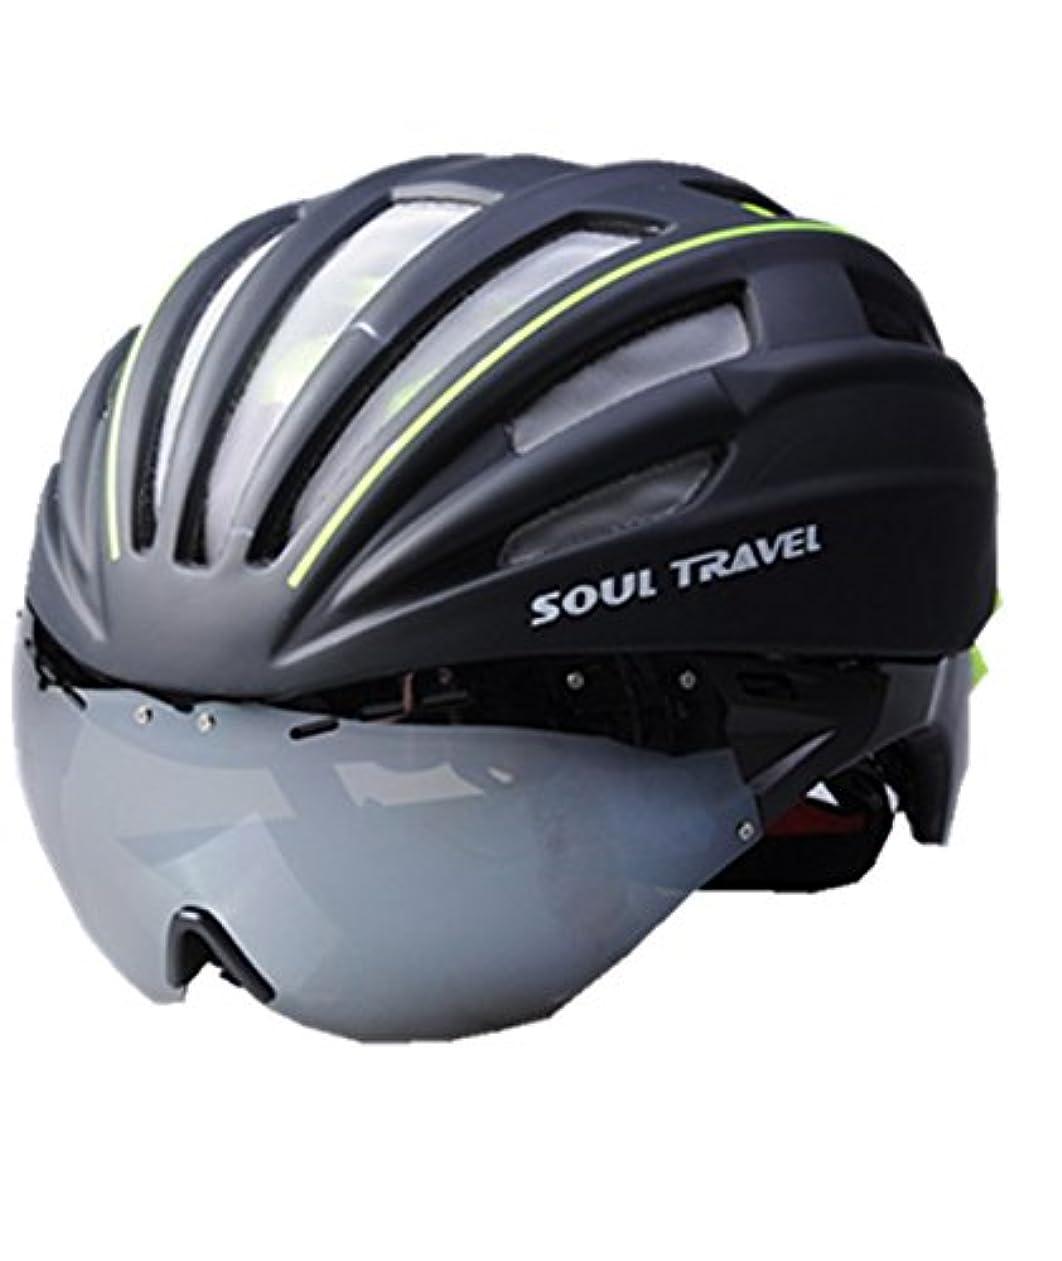 抜け目がない津波ベットSOUL TRAVEL 成人用 自転車 ヘルメット超 軽量 サイクリング ヘルメットスポーツ ヘルメット ロードバイク自転車 ヘルメット マウンテンバイク帯ゴーグル ヘルメット 大人用/男女兼用/通気/高剛性